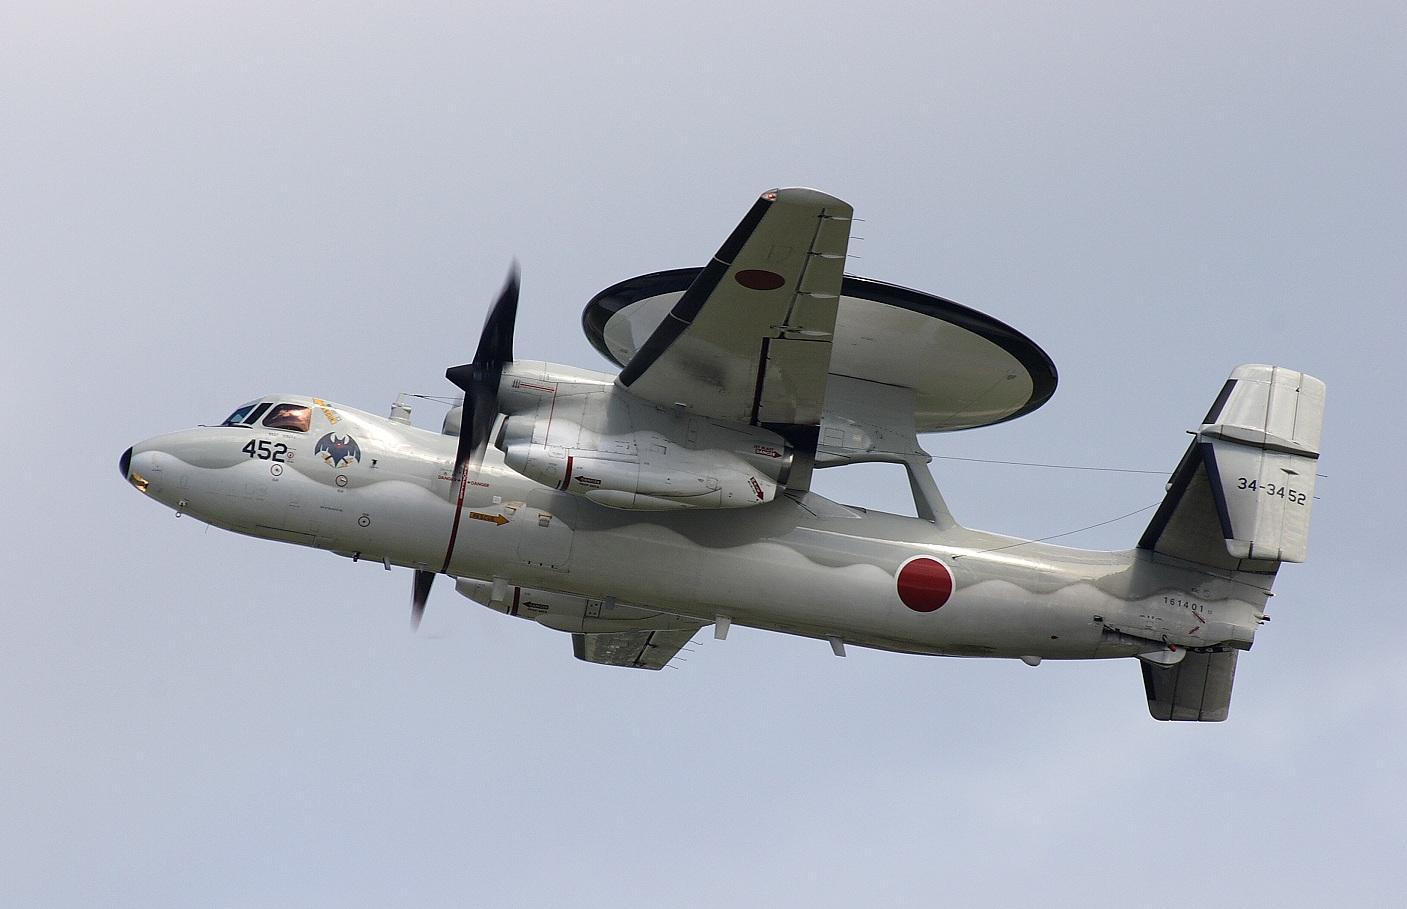 美国先进装备再遭日本泄密 这次是最强航母预警机